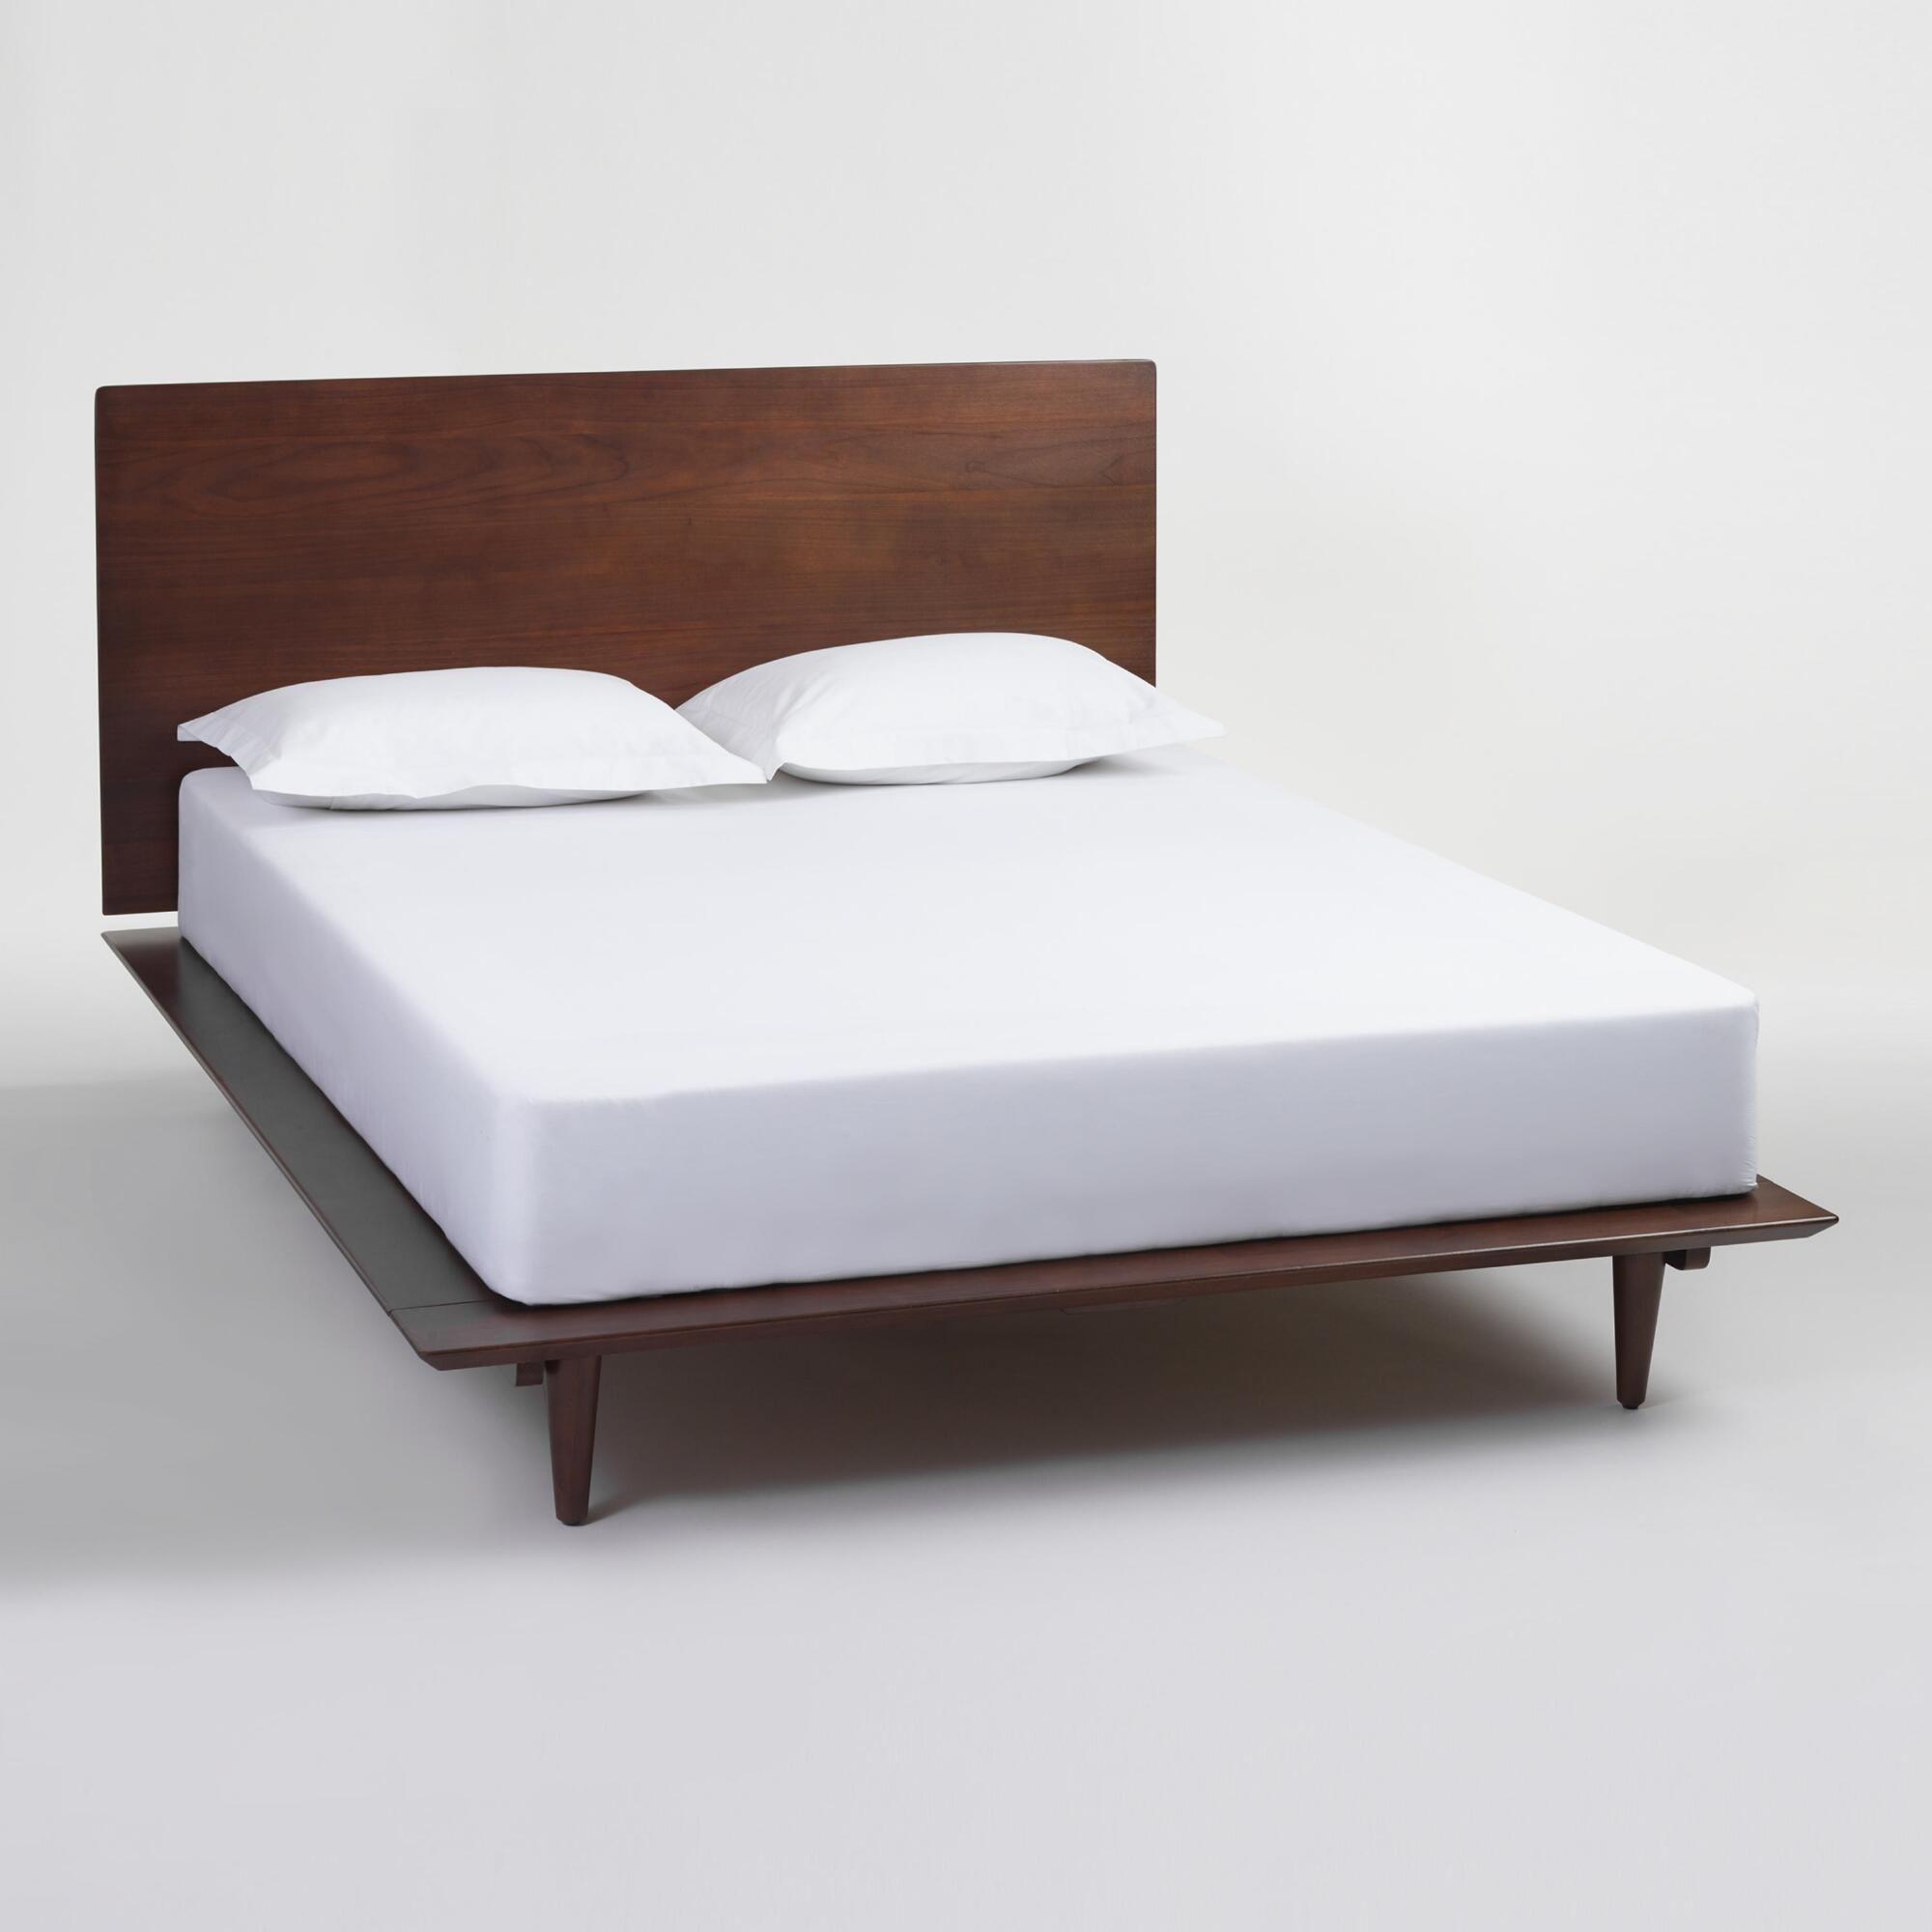 walnut brown wood barrett queen bed - Solid Wood Queen Bed Frame